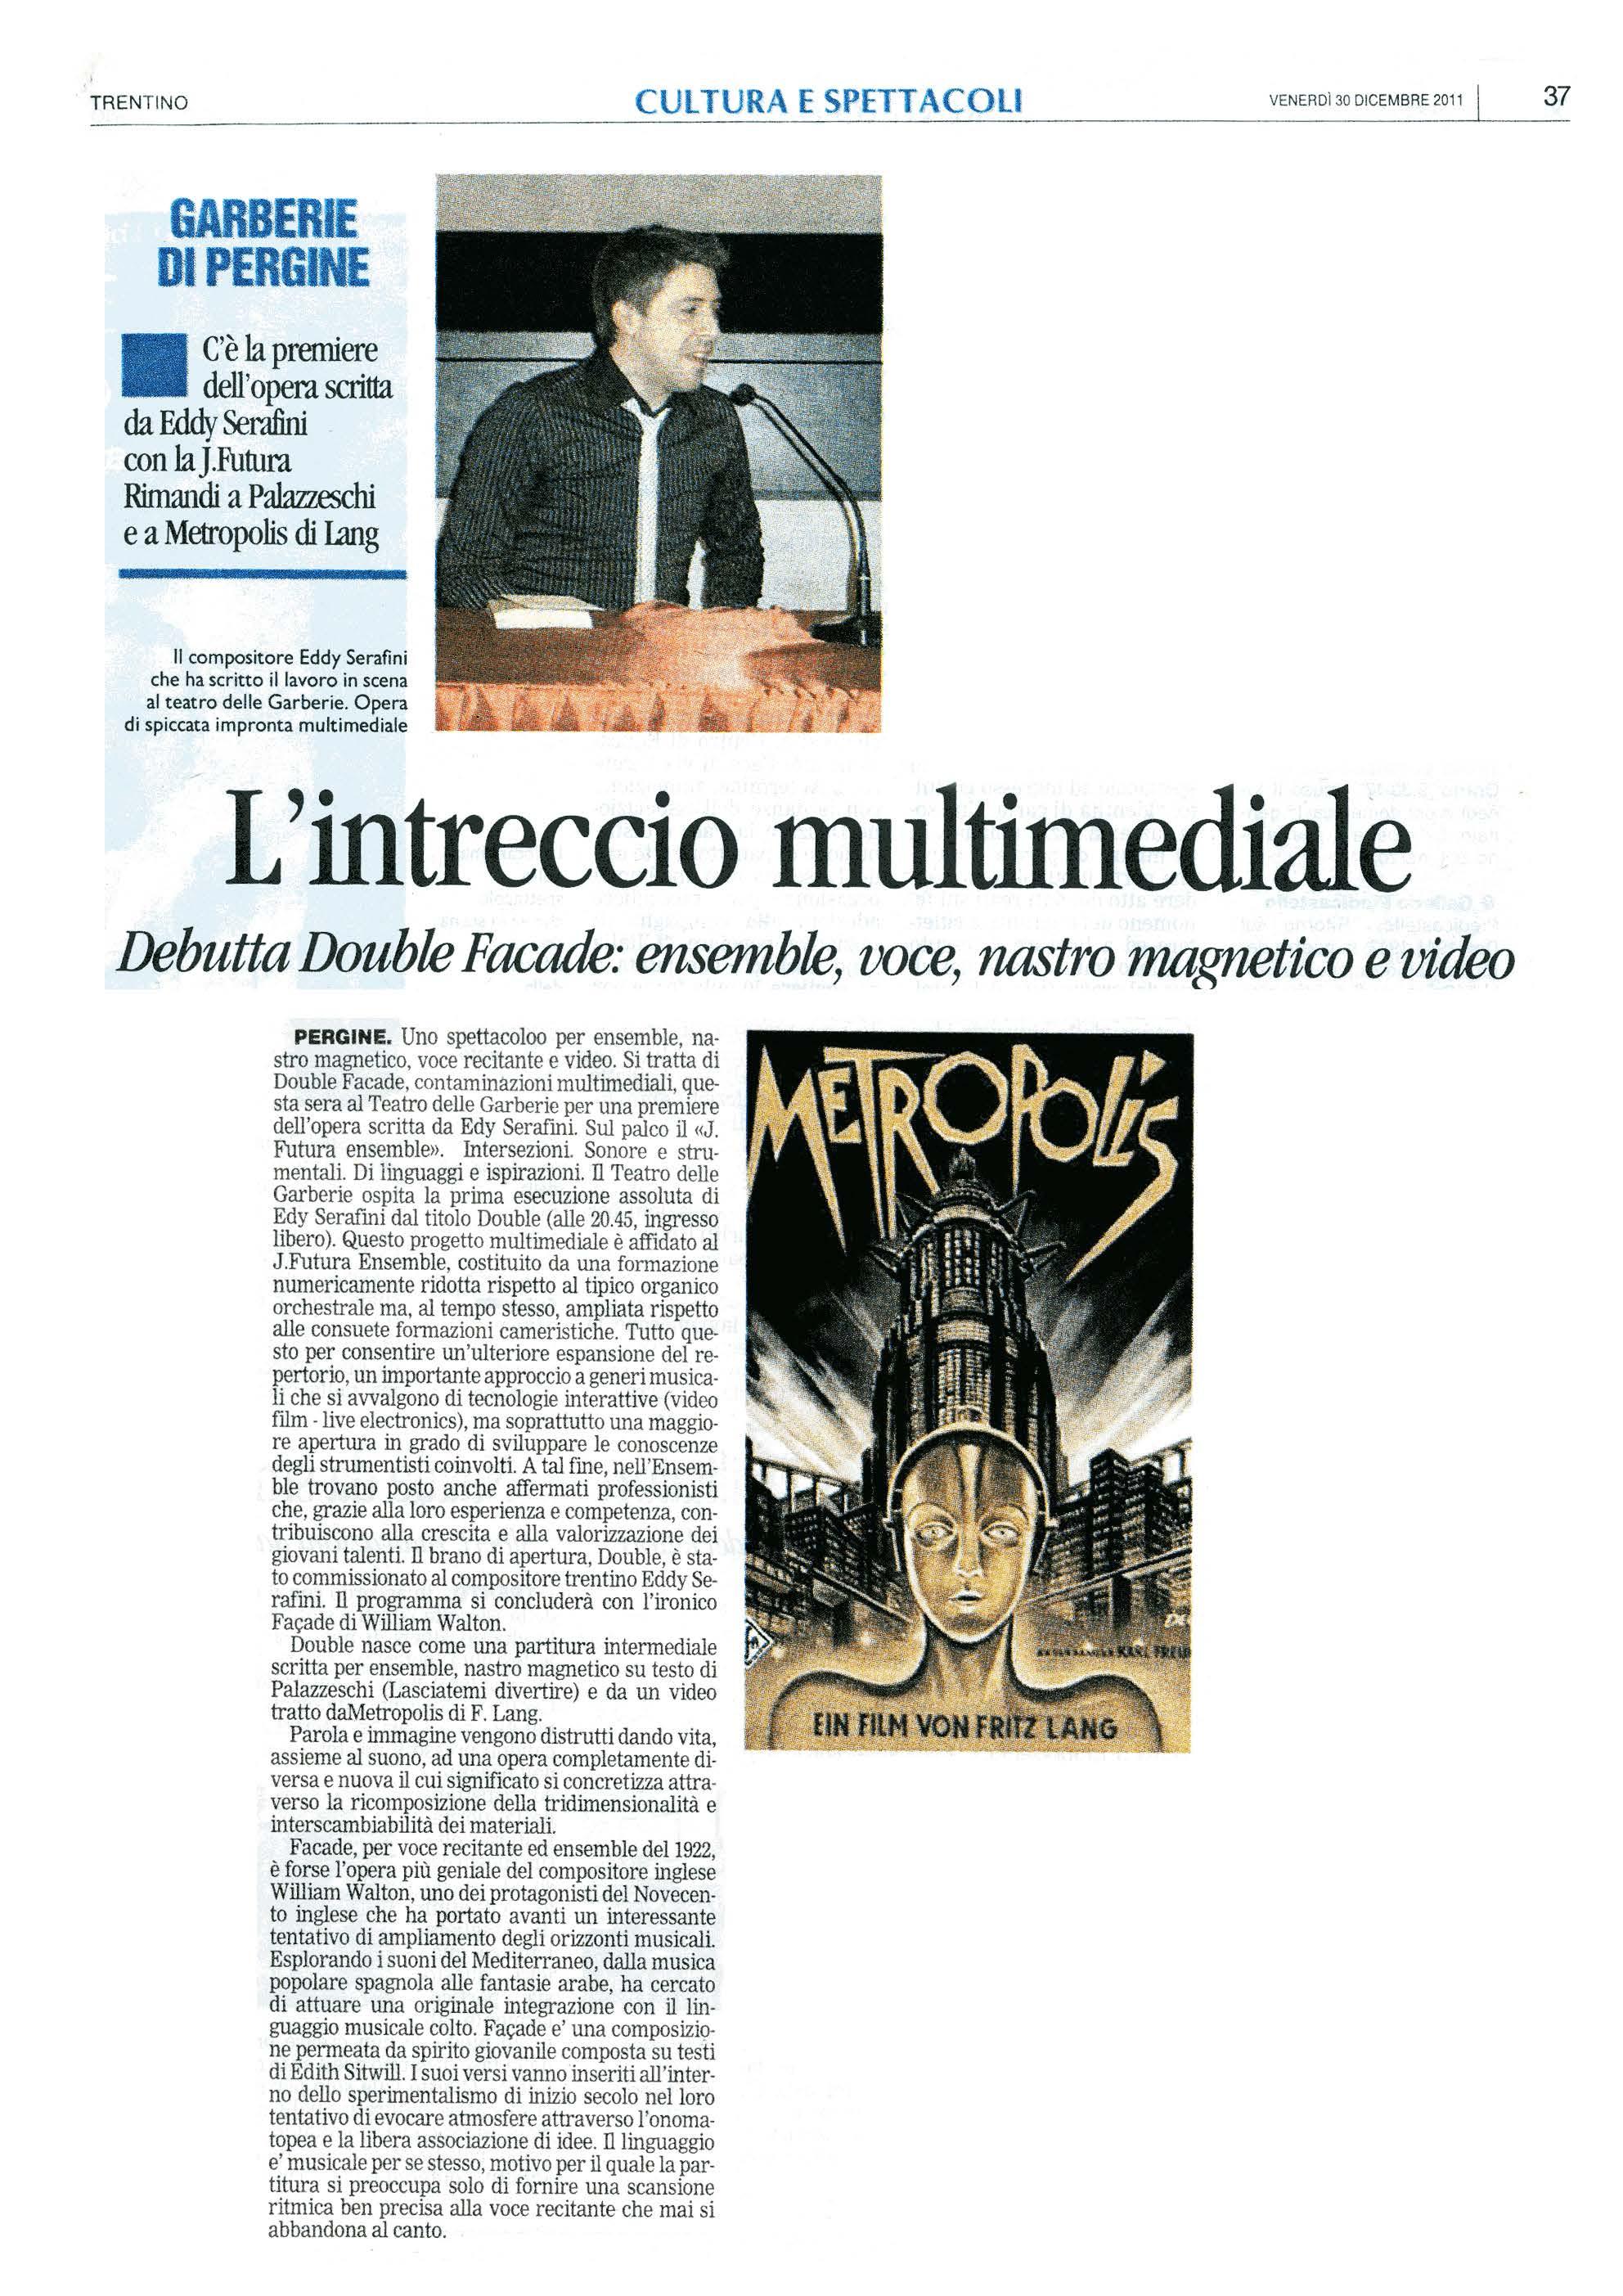 L'intreccio multimediale – Trentino – 30/12/2011